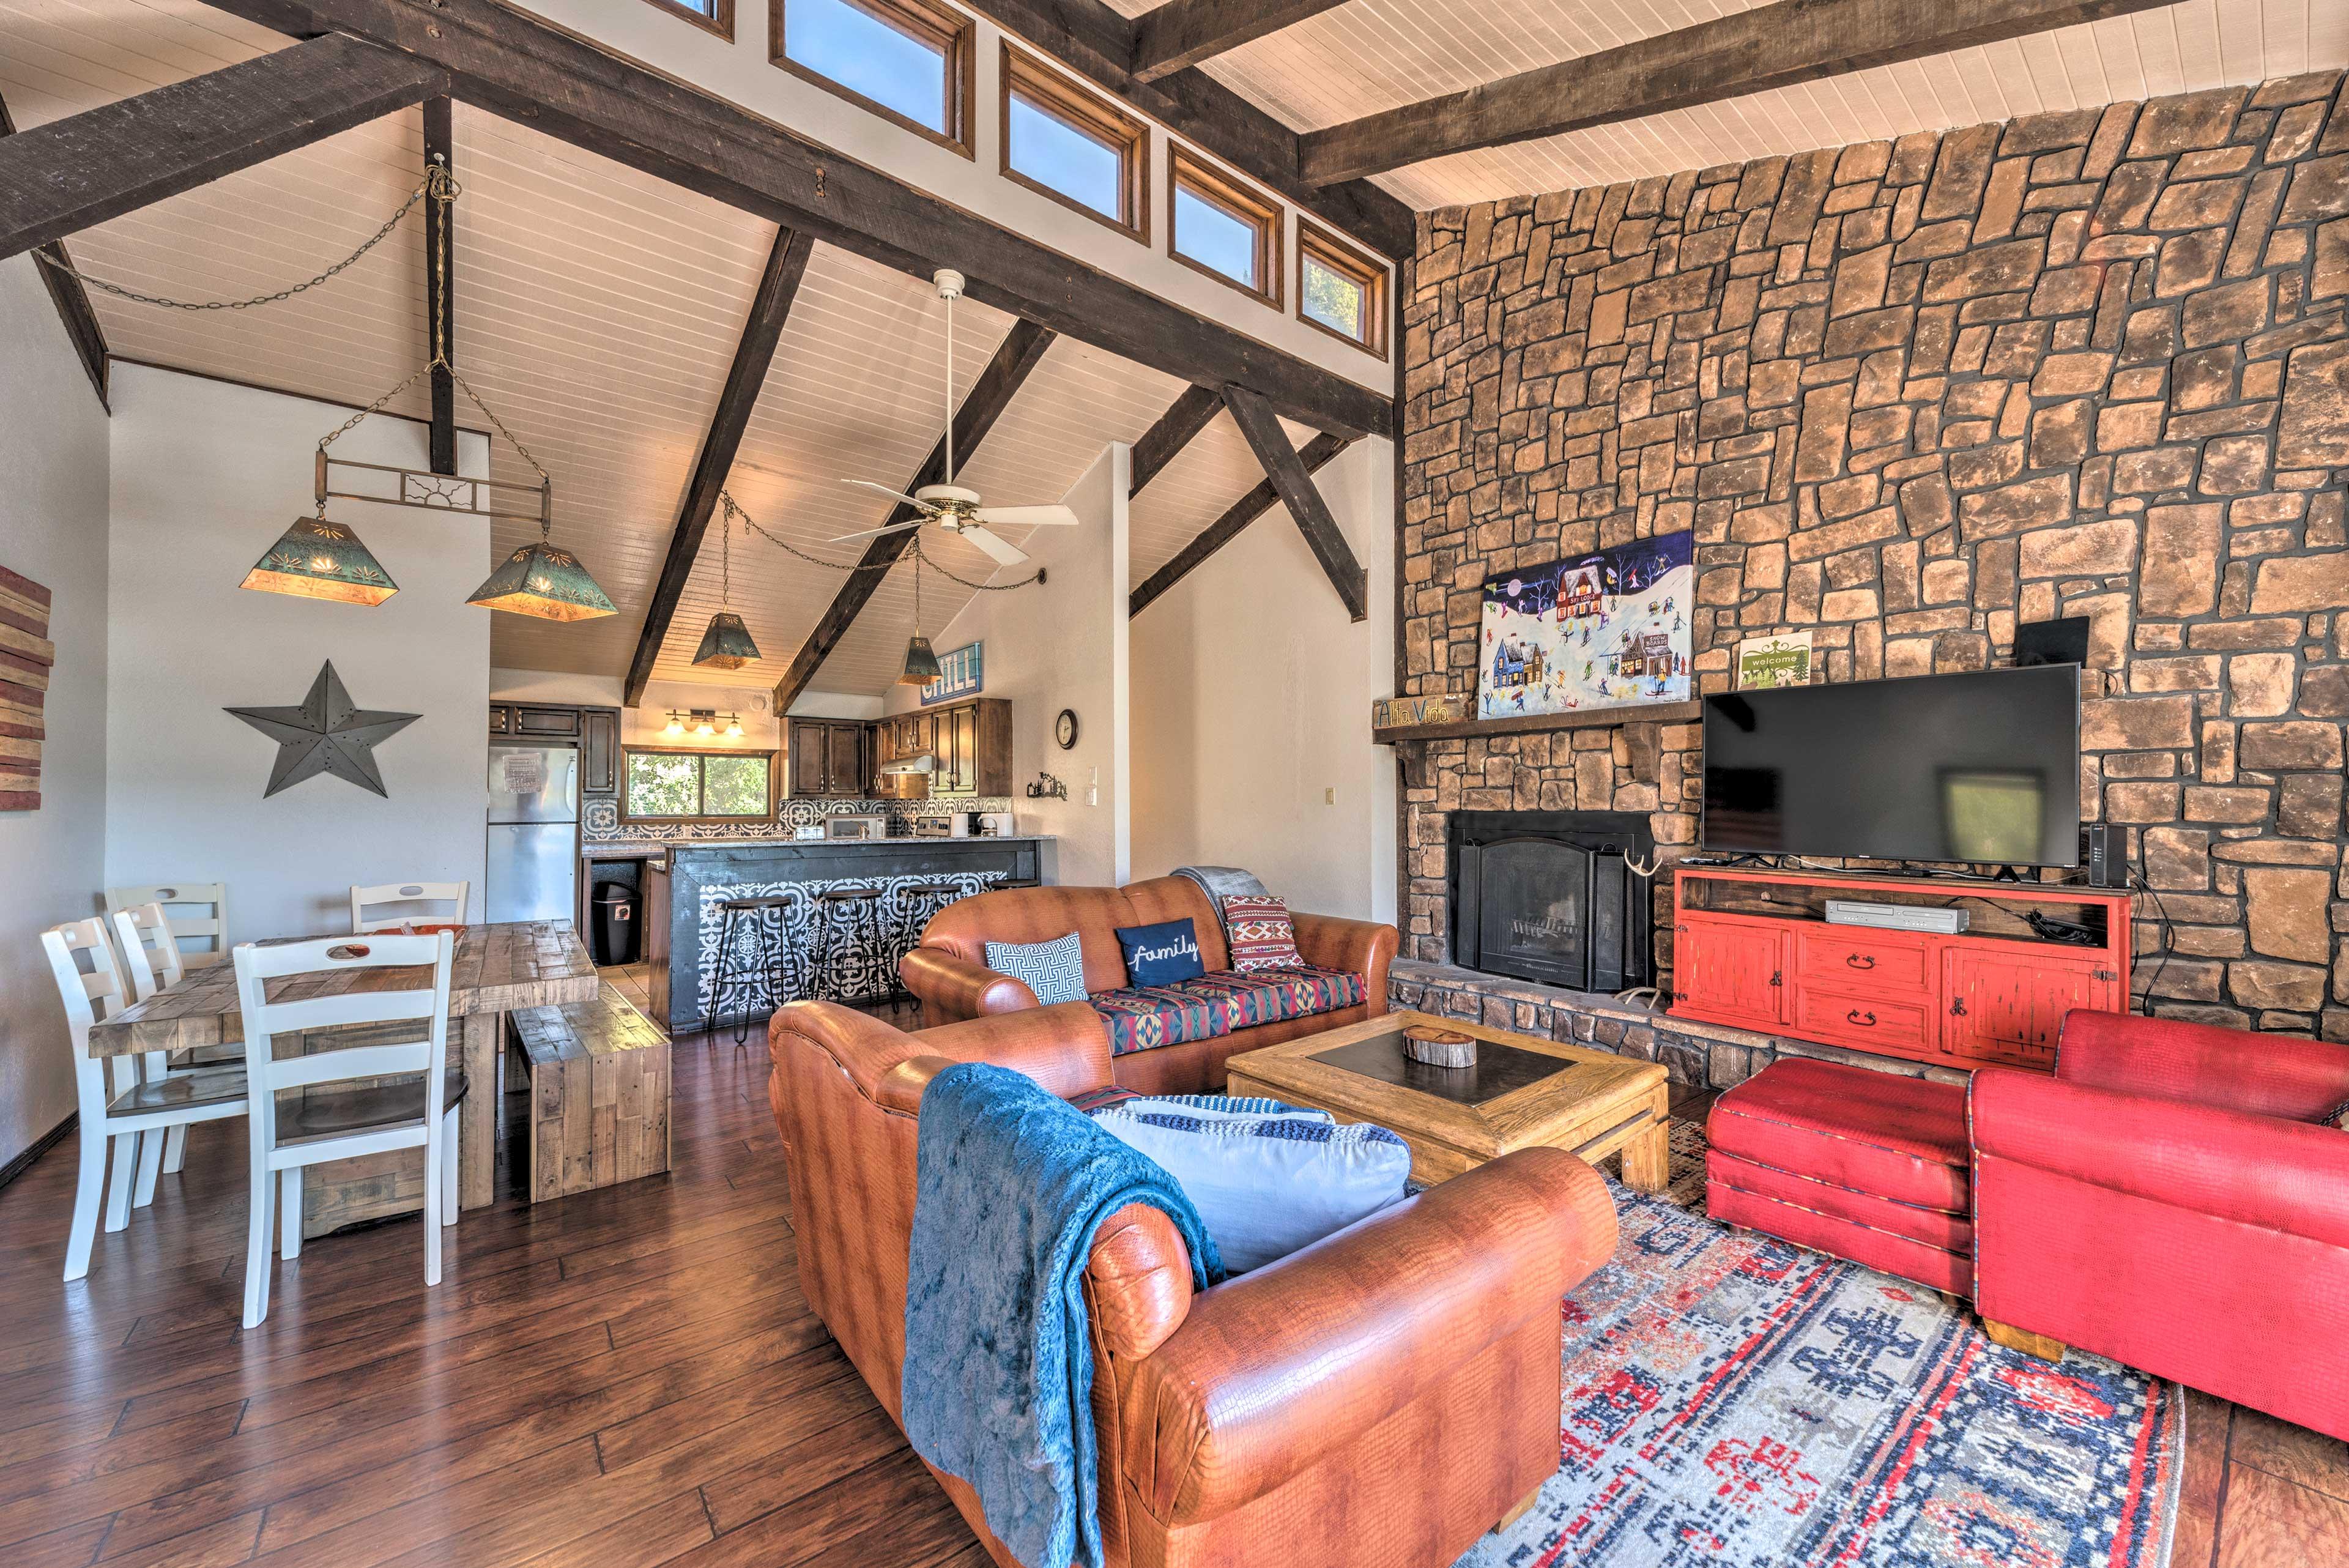 Living Room | Smart TV | Exposed Wood Beams